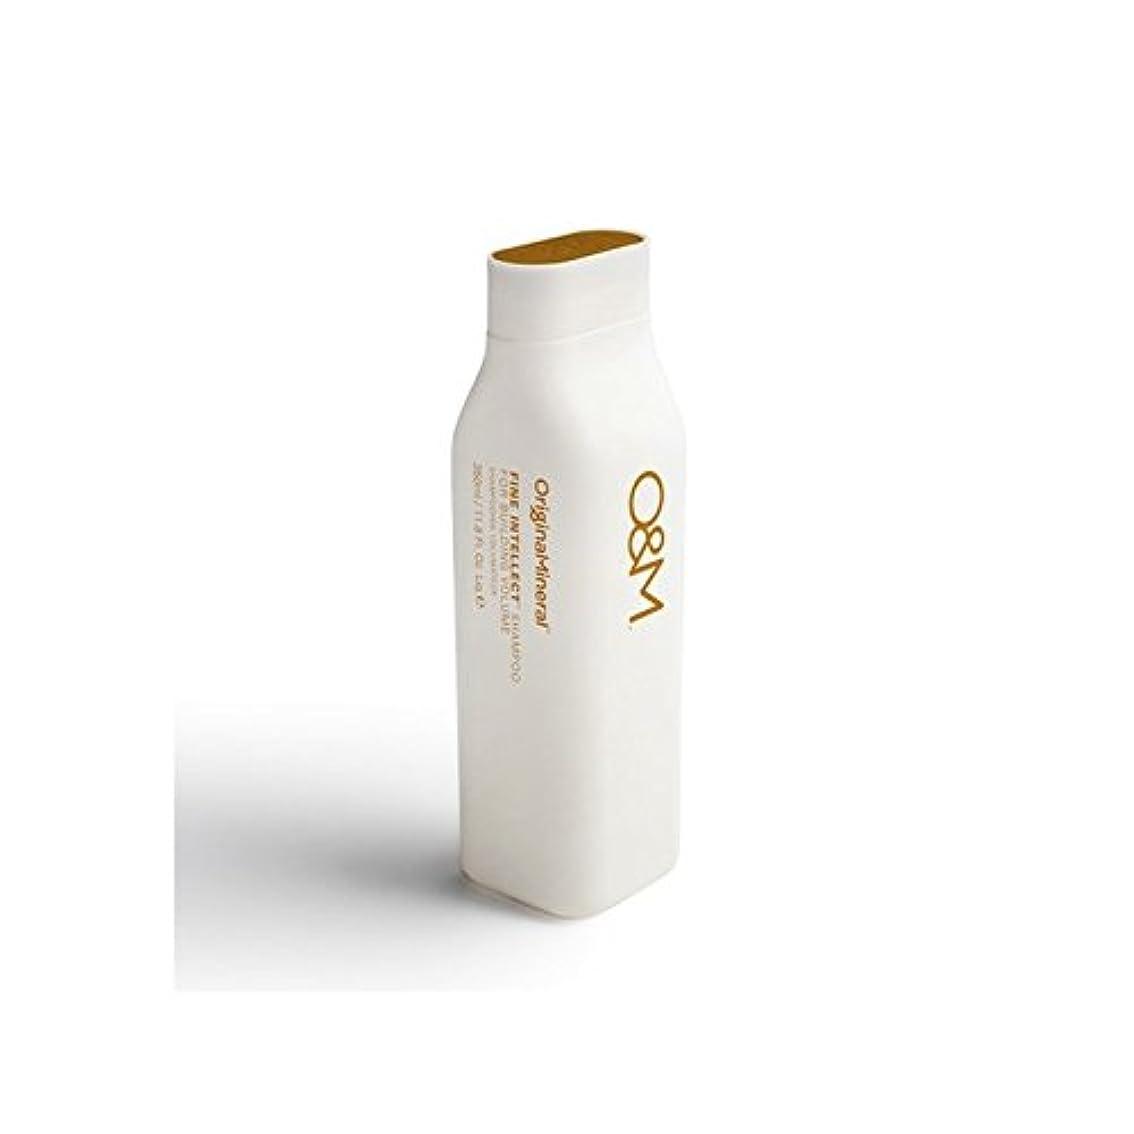 七面鳥奇妙な外交官オリジナル&ミネラル細かい知性シャンプー(350ミリリットル) x4 - Original & Mineral Fine Intellect Shampoo (350ml) (Pack of 4) [並行輸入品]